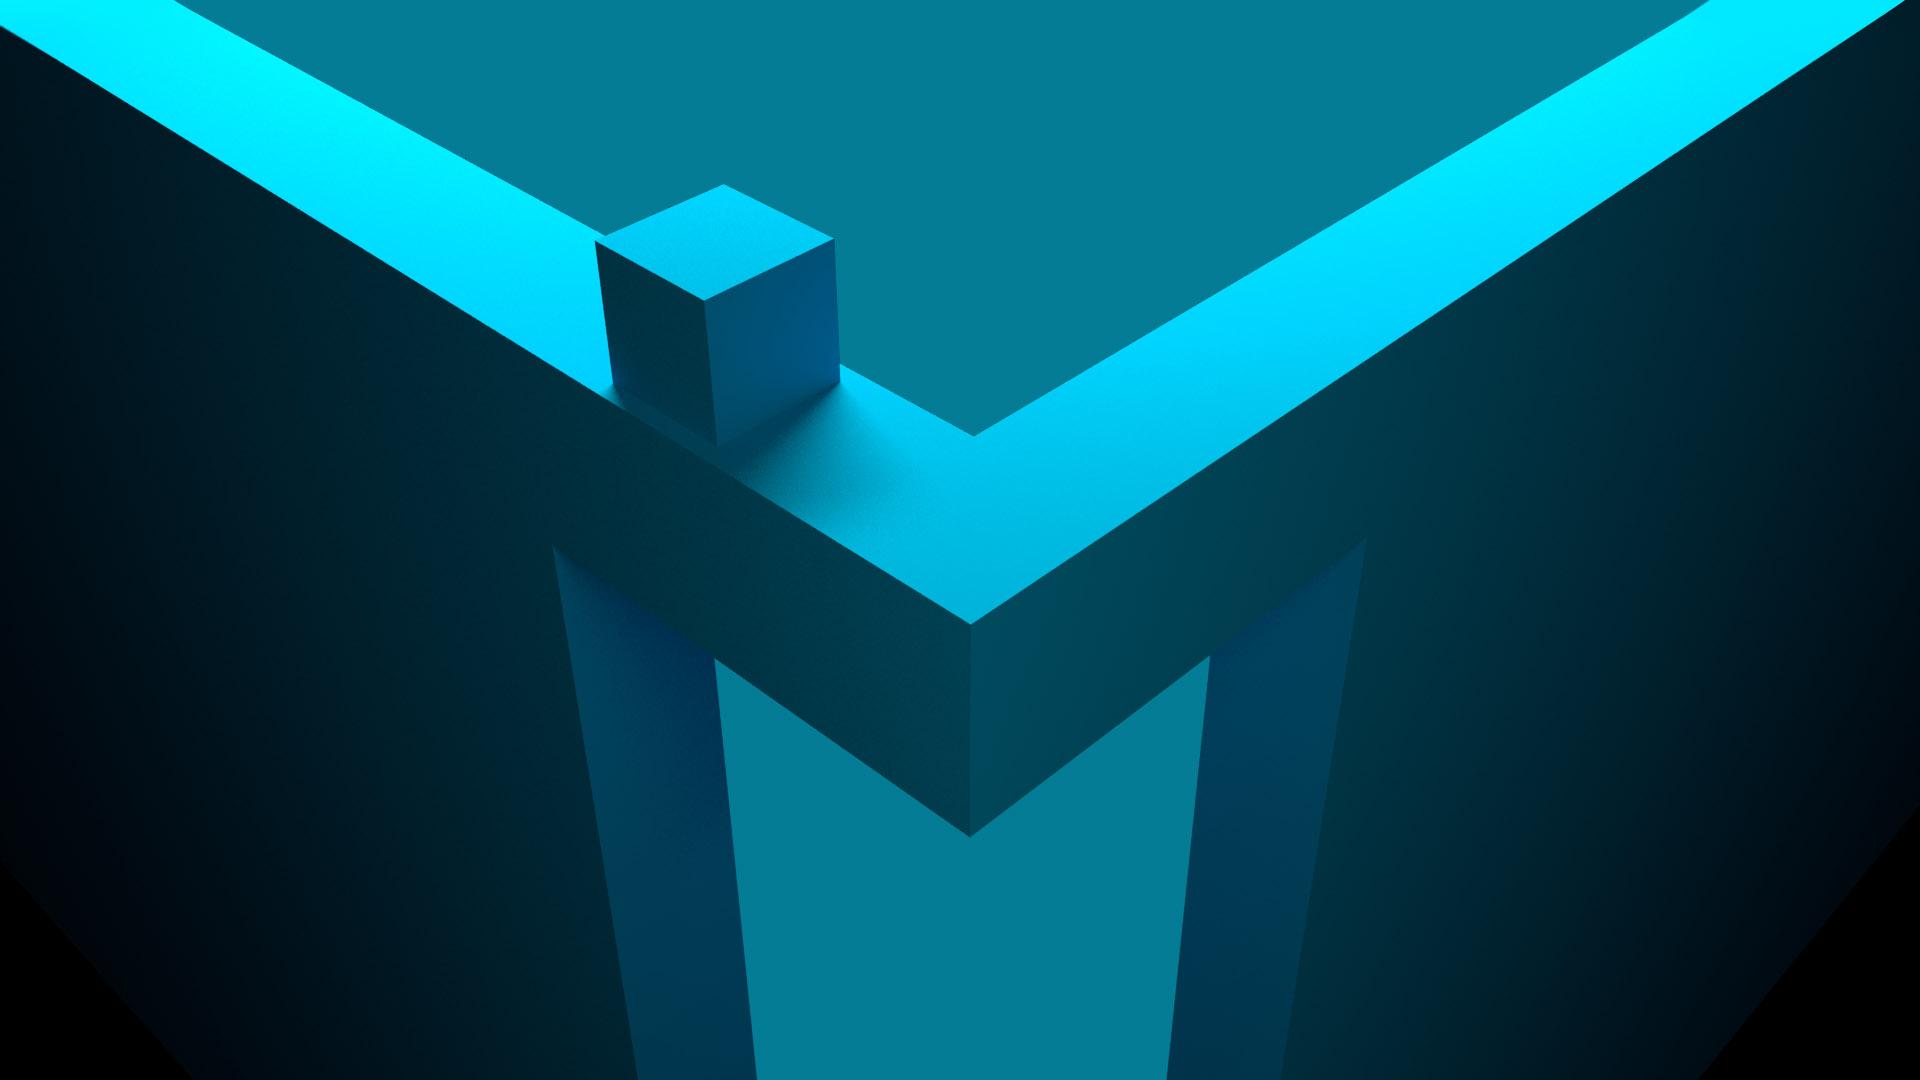 Sugarcube_VFX_3D_Content_SocialMedia_02.jpg